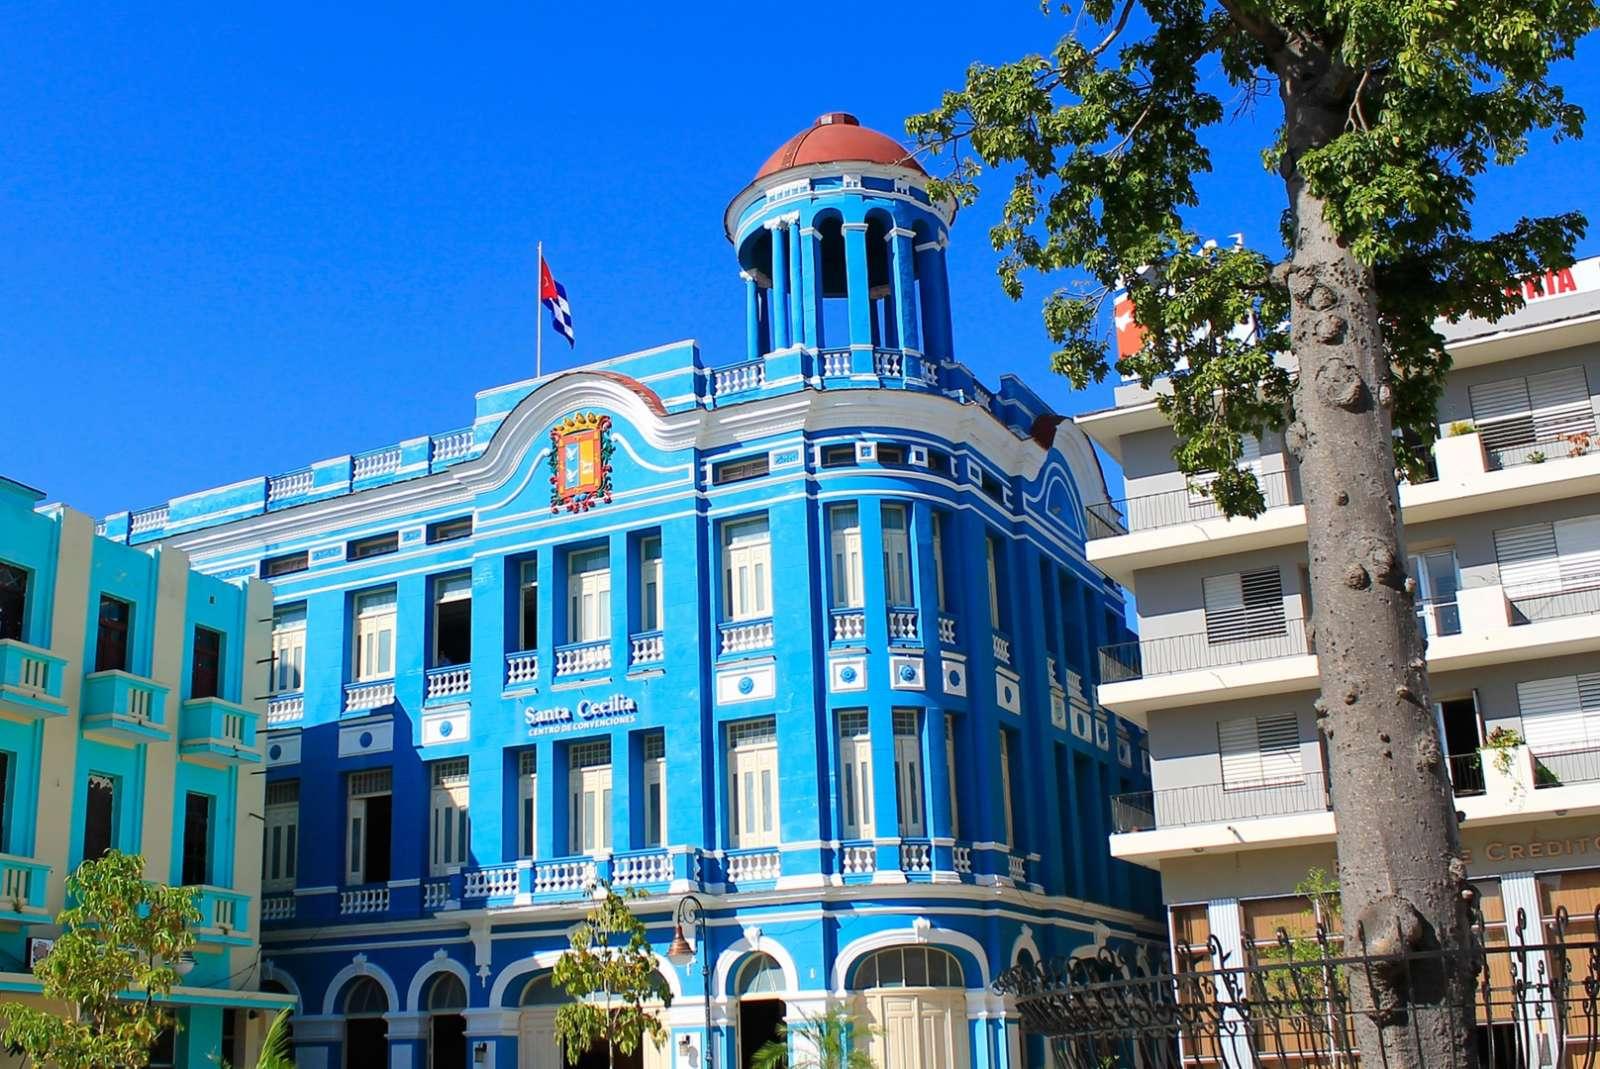 The Santa Cecilia blue building in Camaguey, Cuba